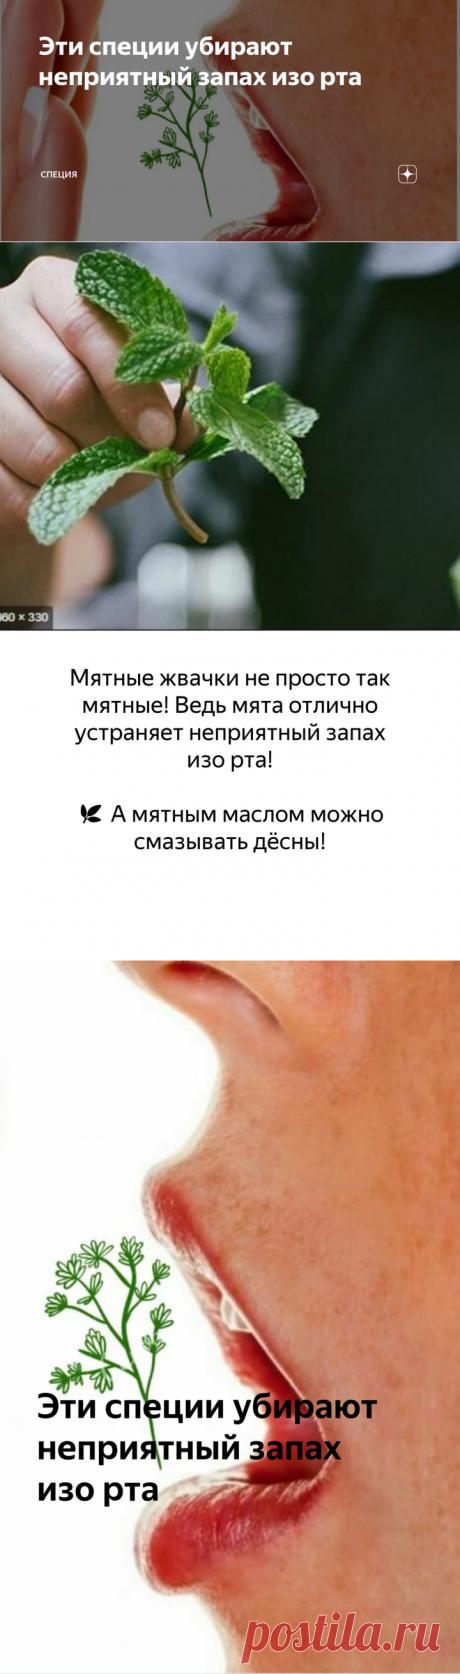 Эти специи убирают неприятный запах изо рта   СПЕЦИЯ   Яндекс Дзен